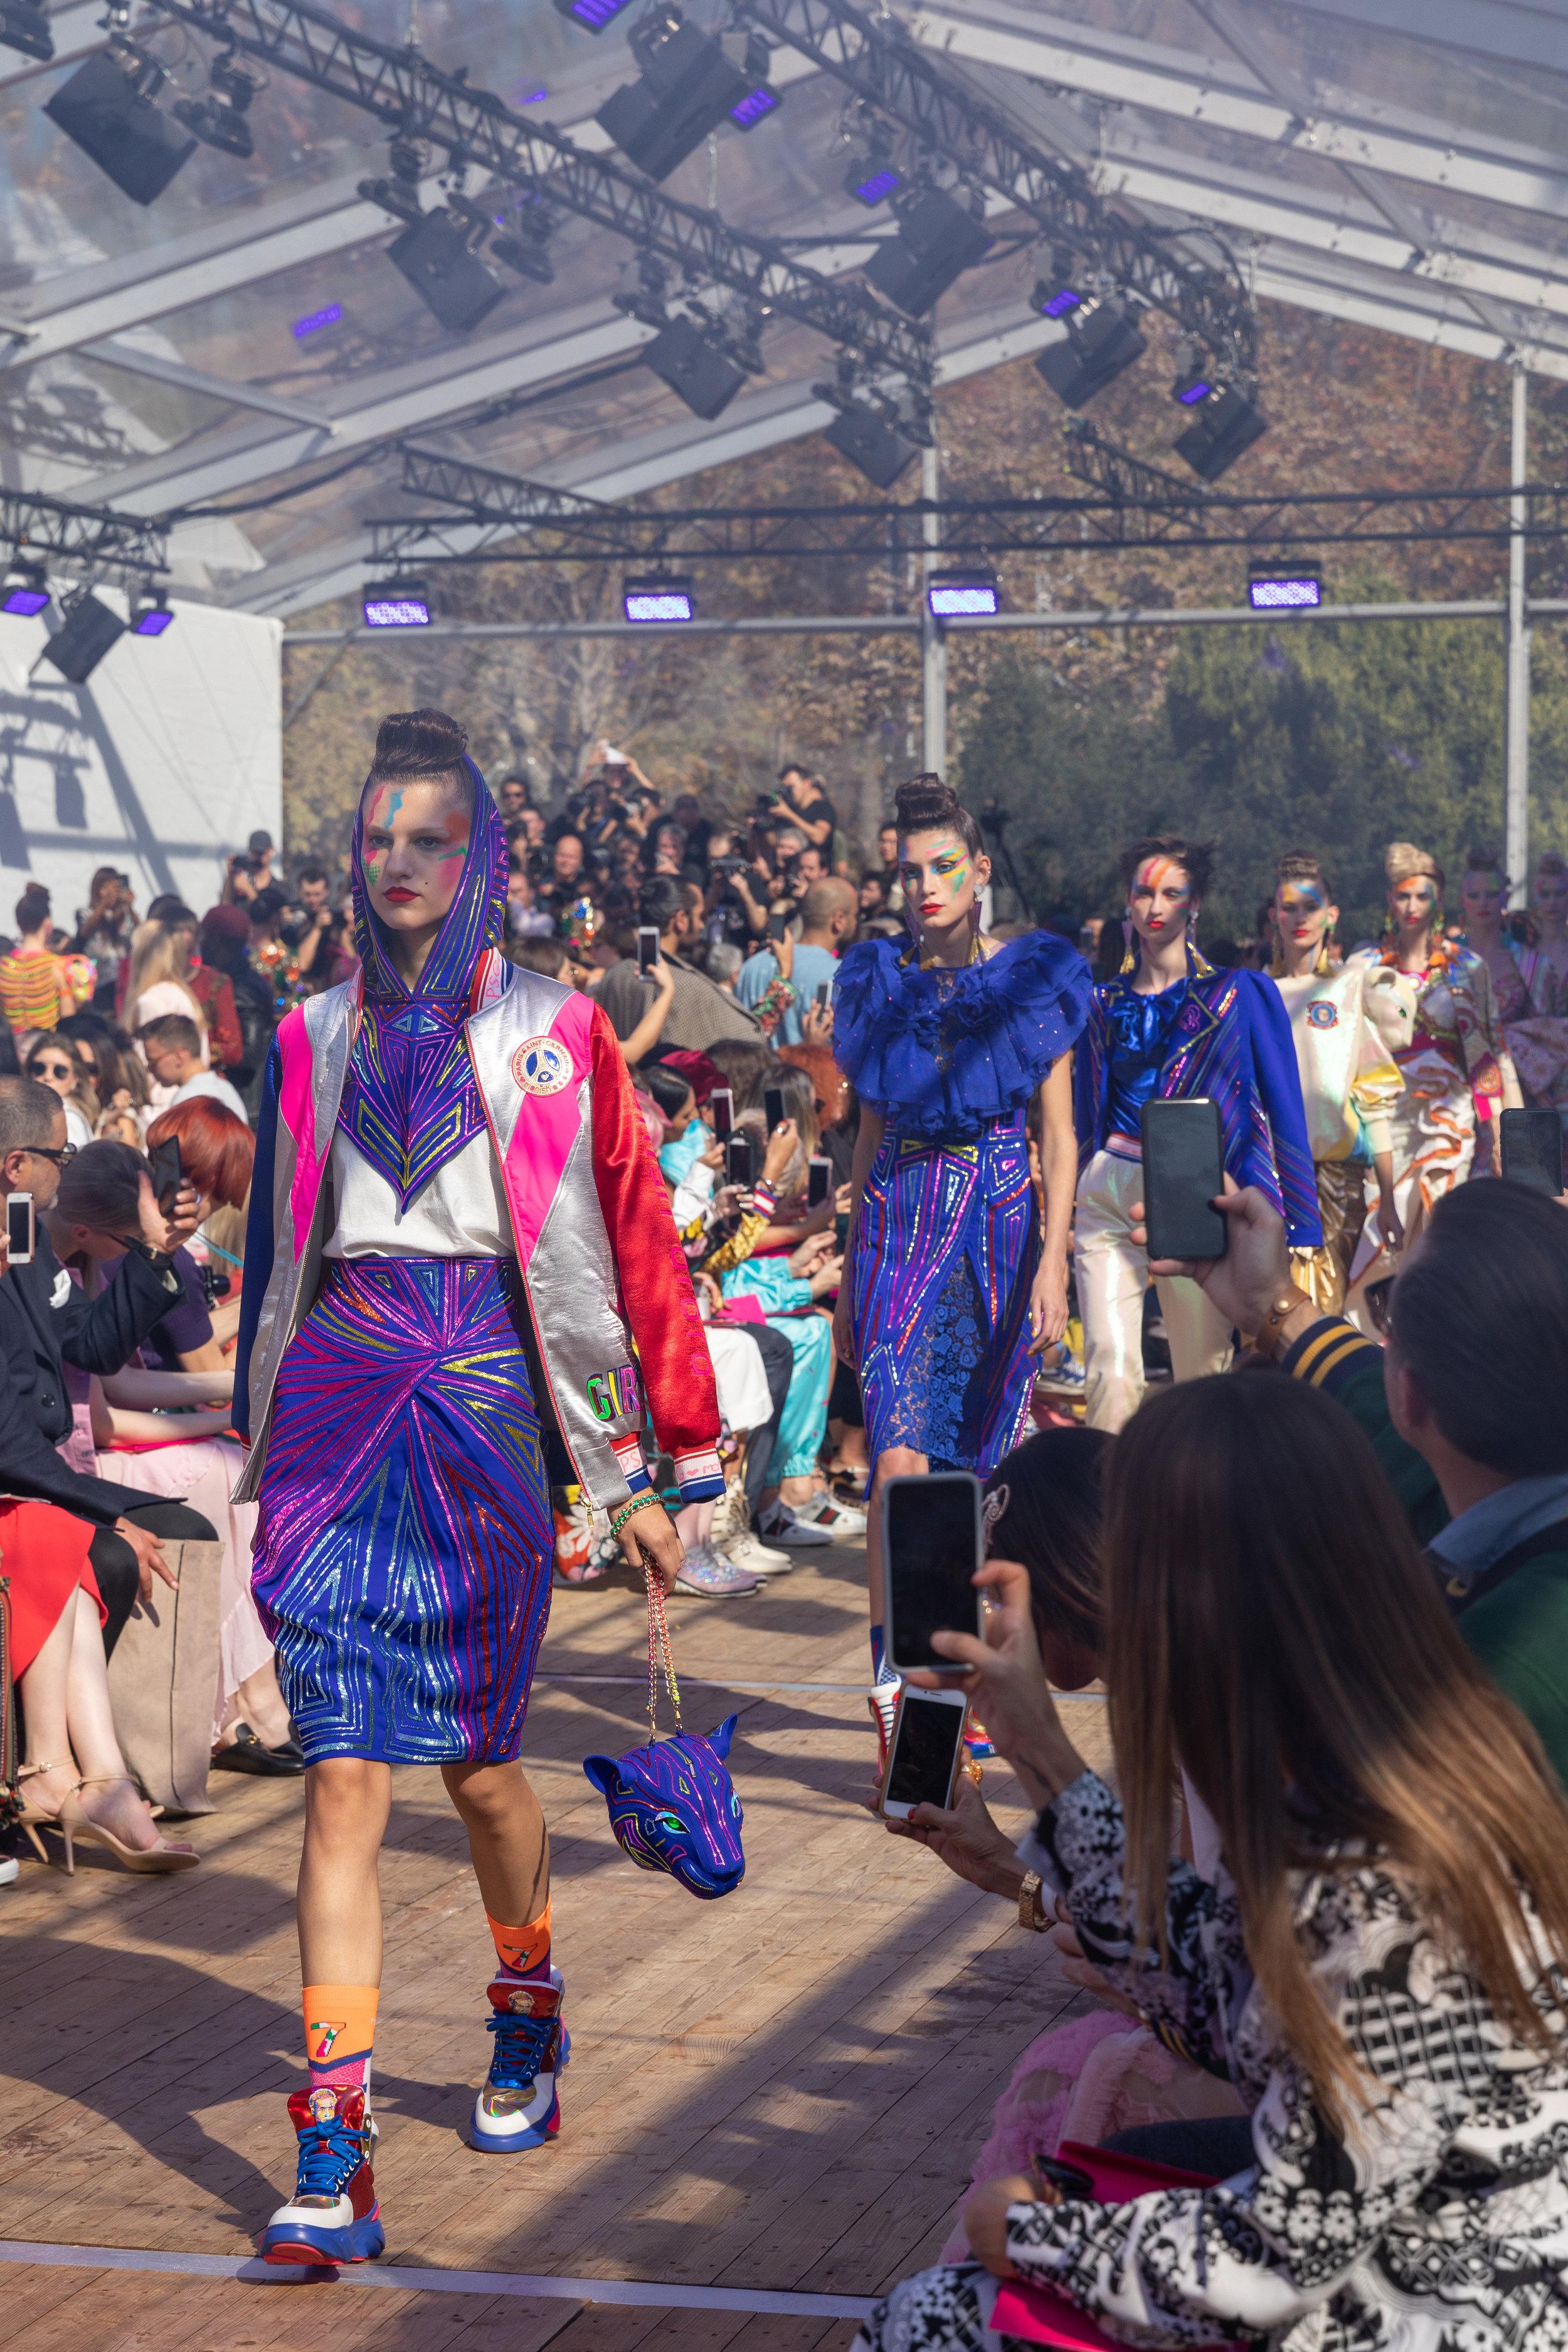 Manish-Arora-Paris-Fashion-Week-Spring-2019_by_Alexis_Breugelmans_002.jpg